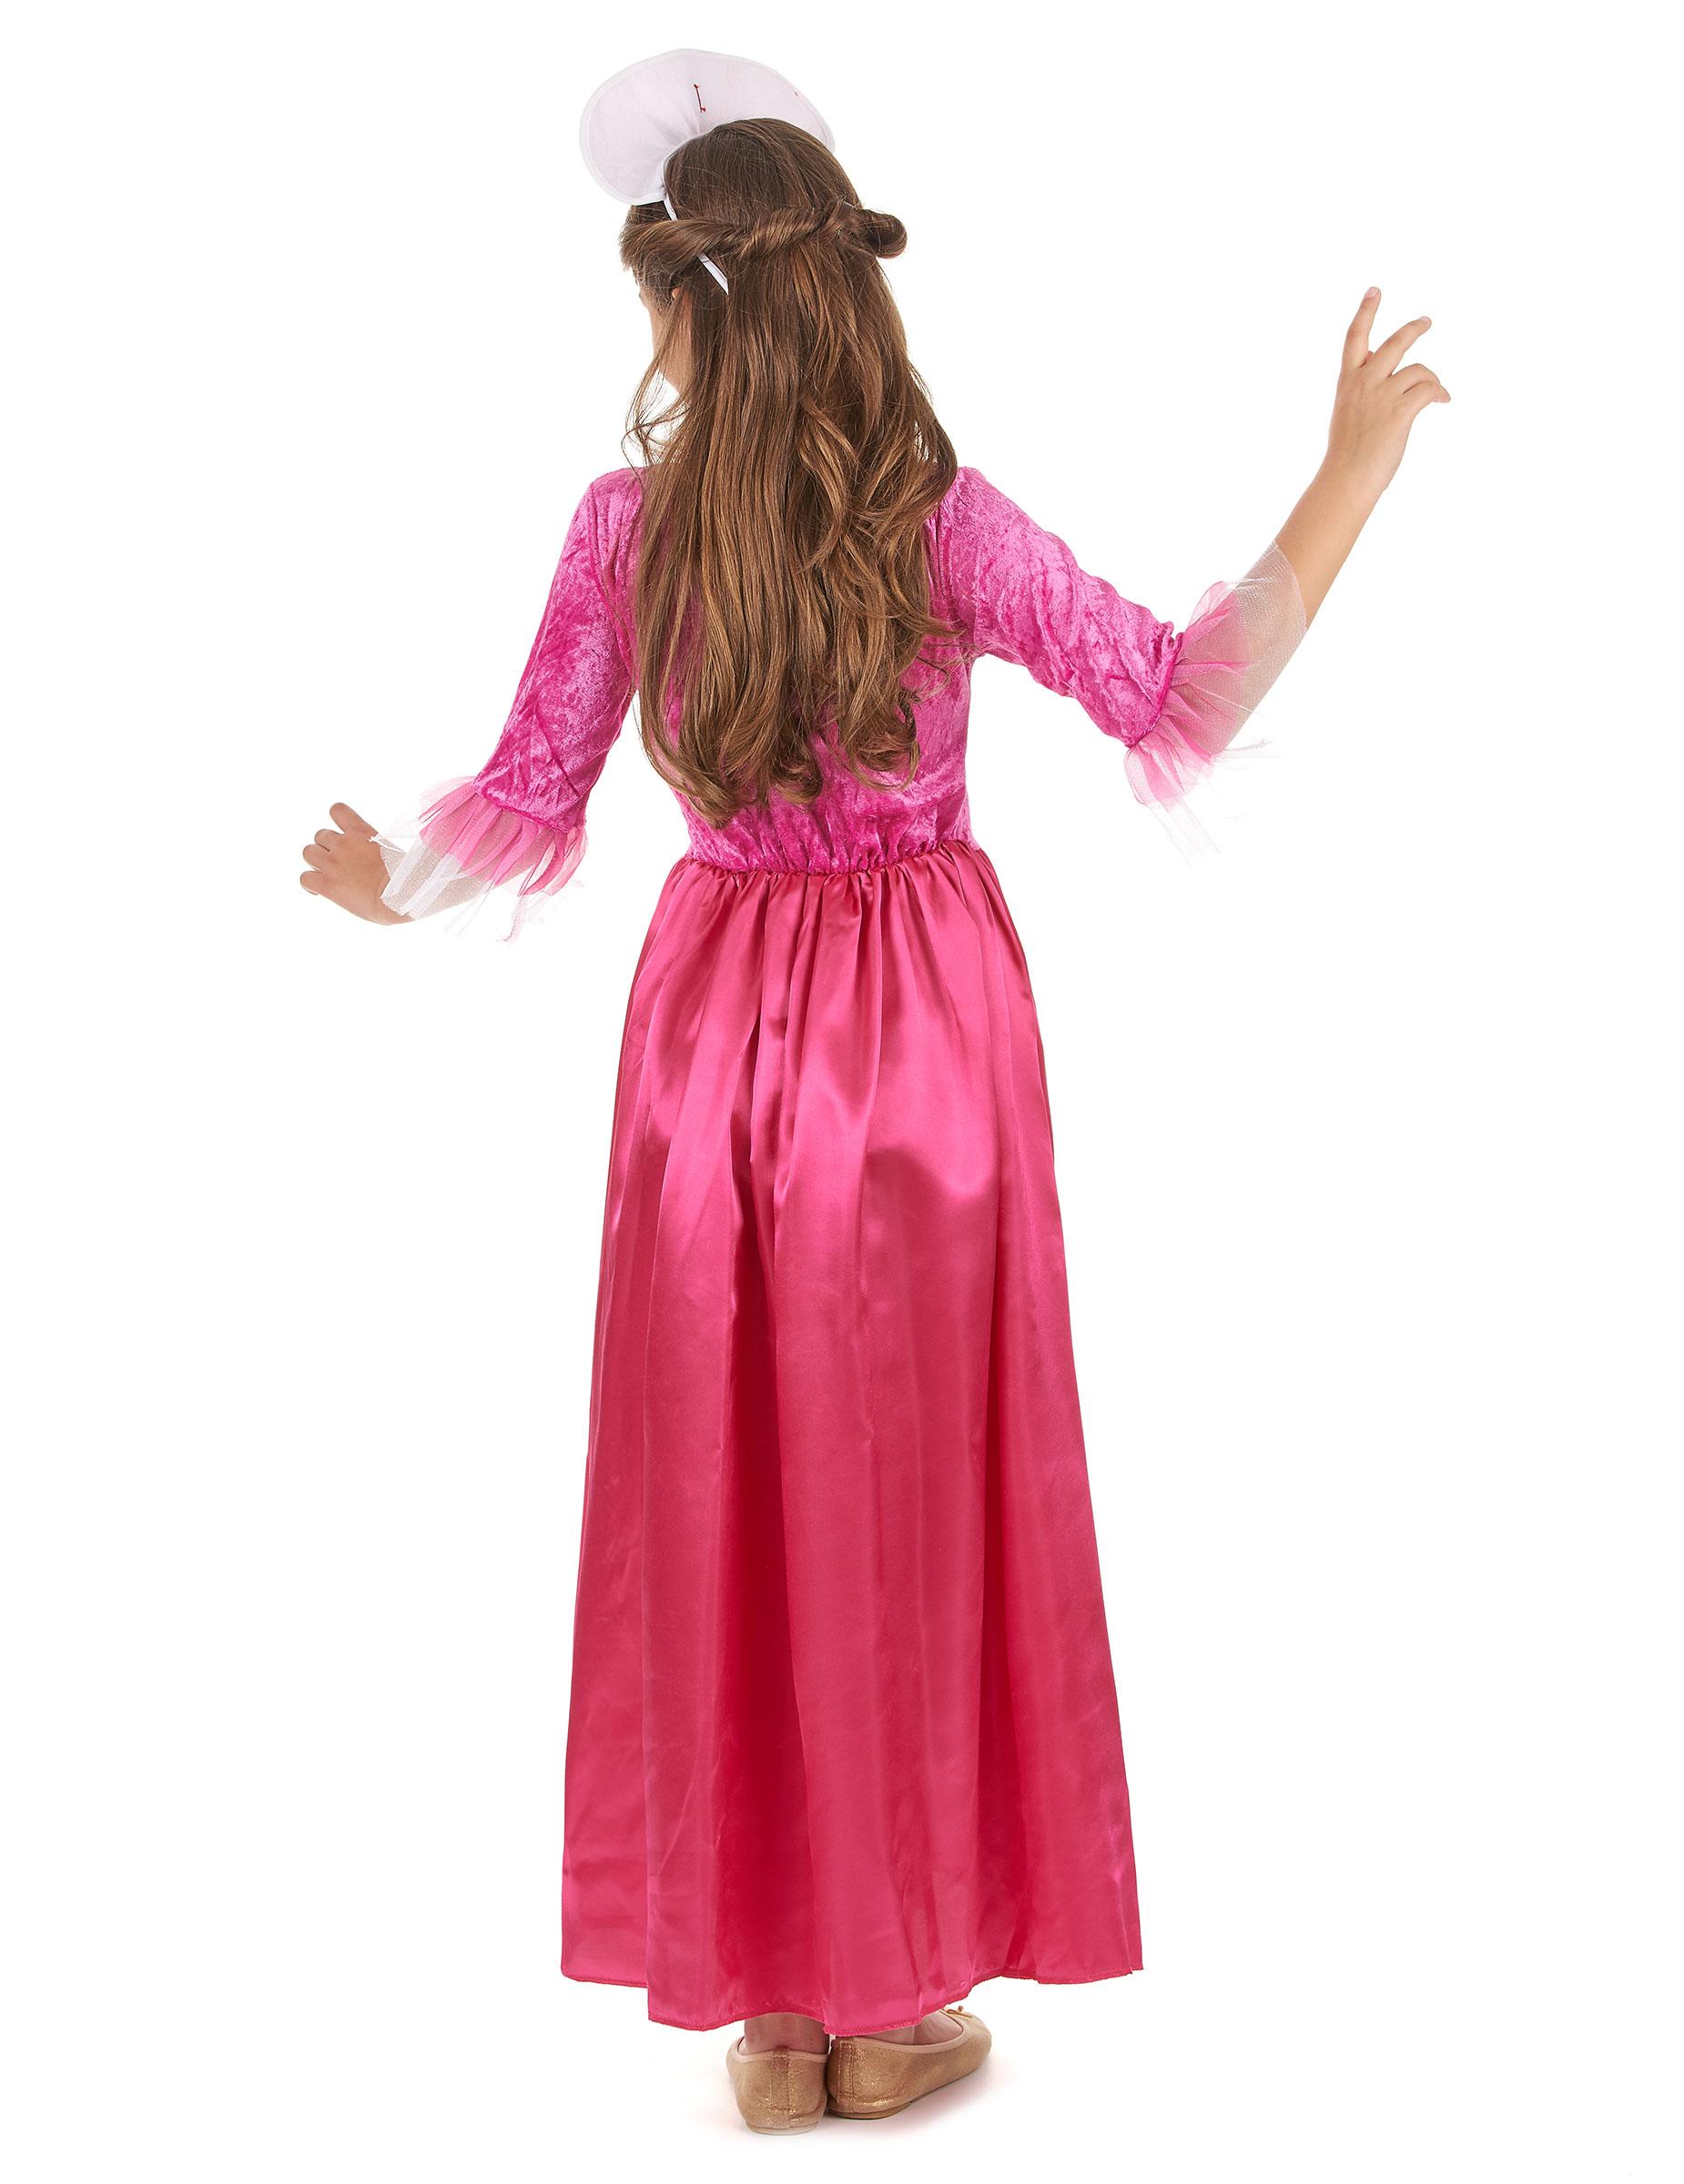 Disfraz princesa niña: Disfraces niños,y disfraces originales ...